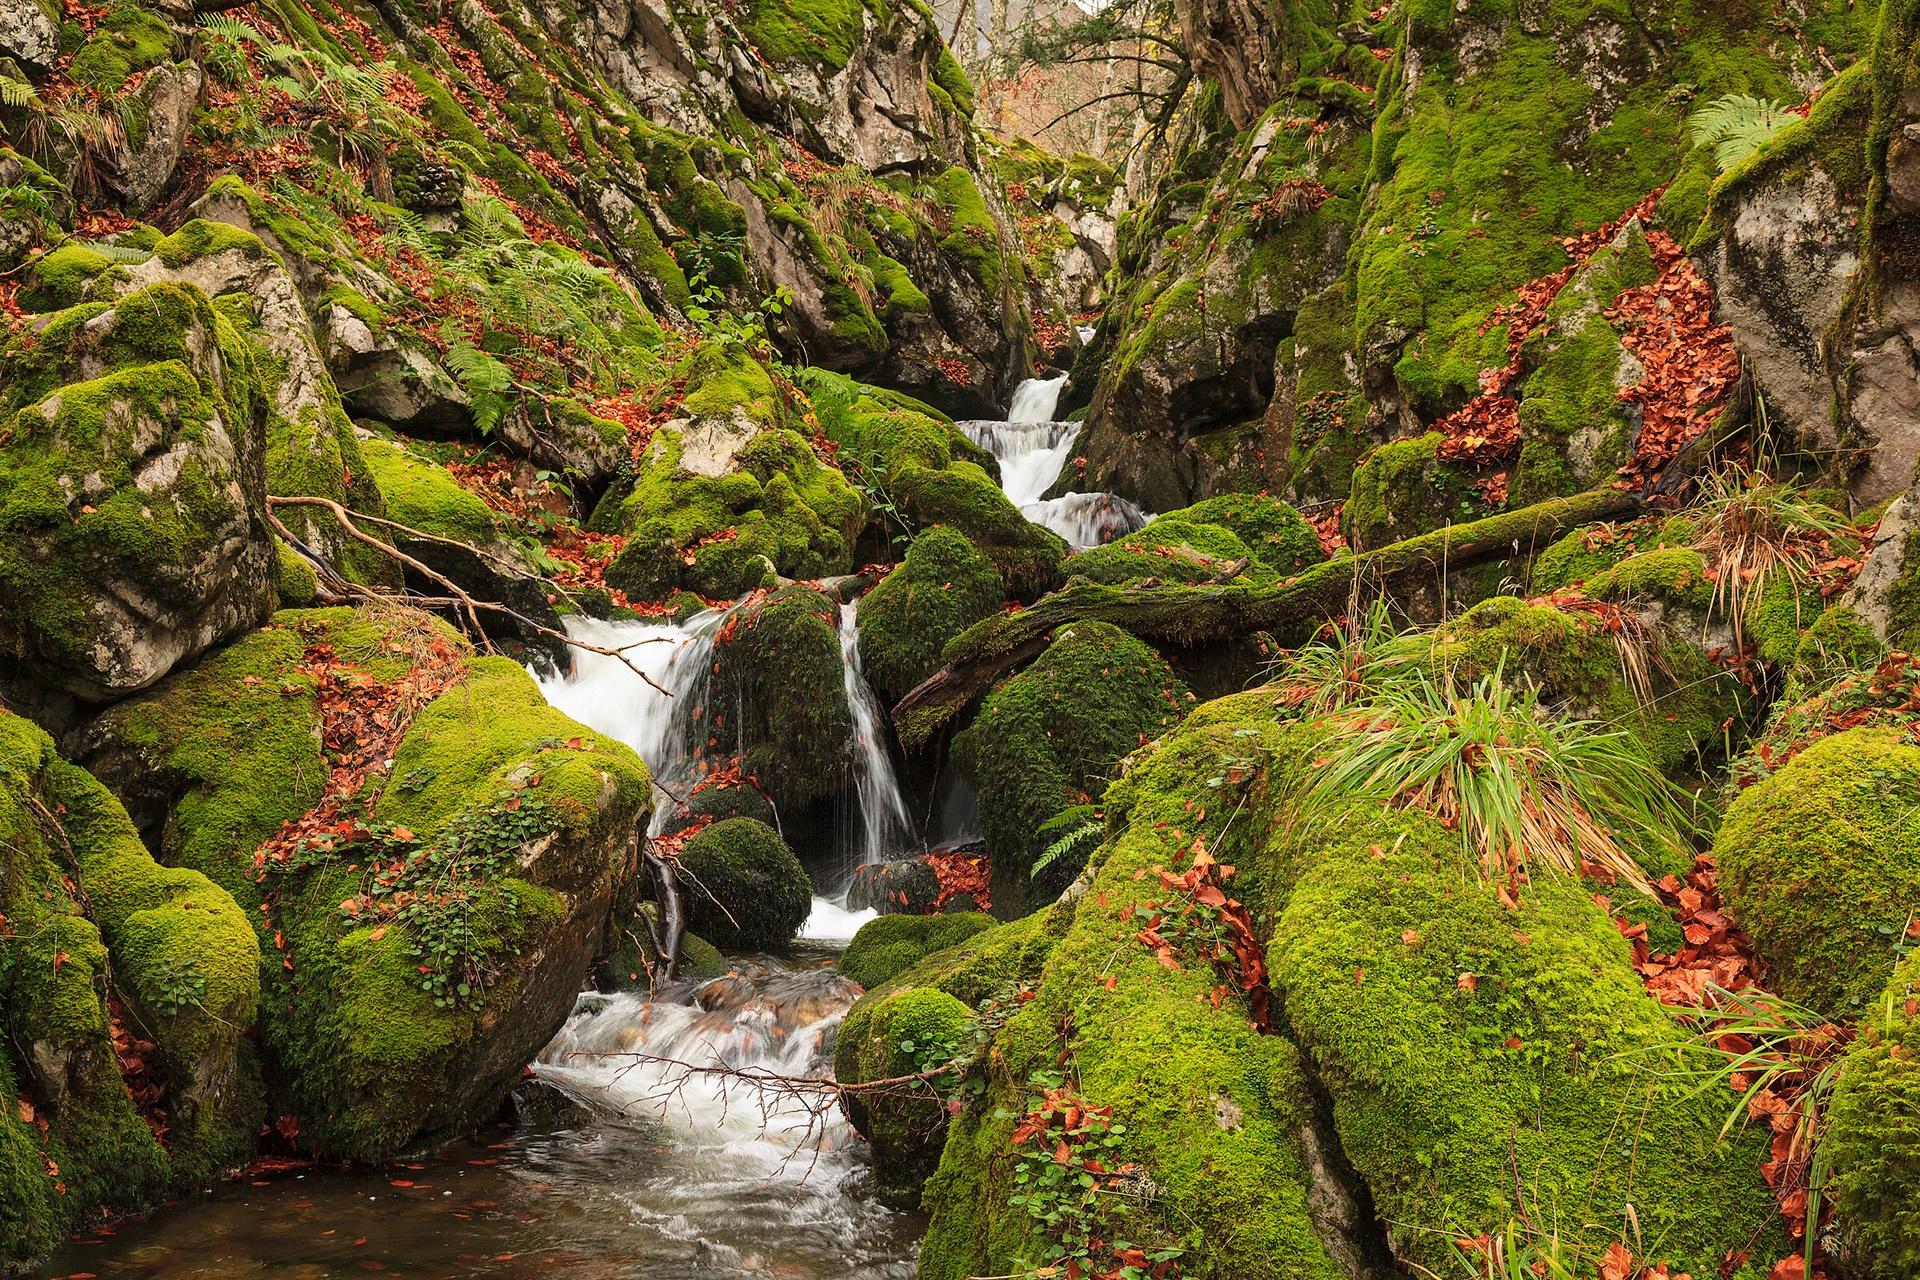 Julio César González Fernández-Donde el río nace - 2018 - AFONAS, Asociación de Fotografos de Naturaleza de Asturias